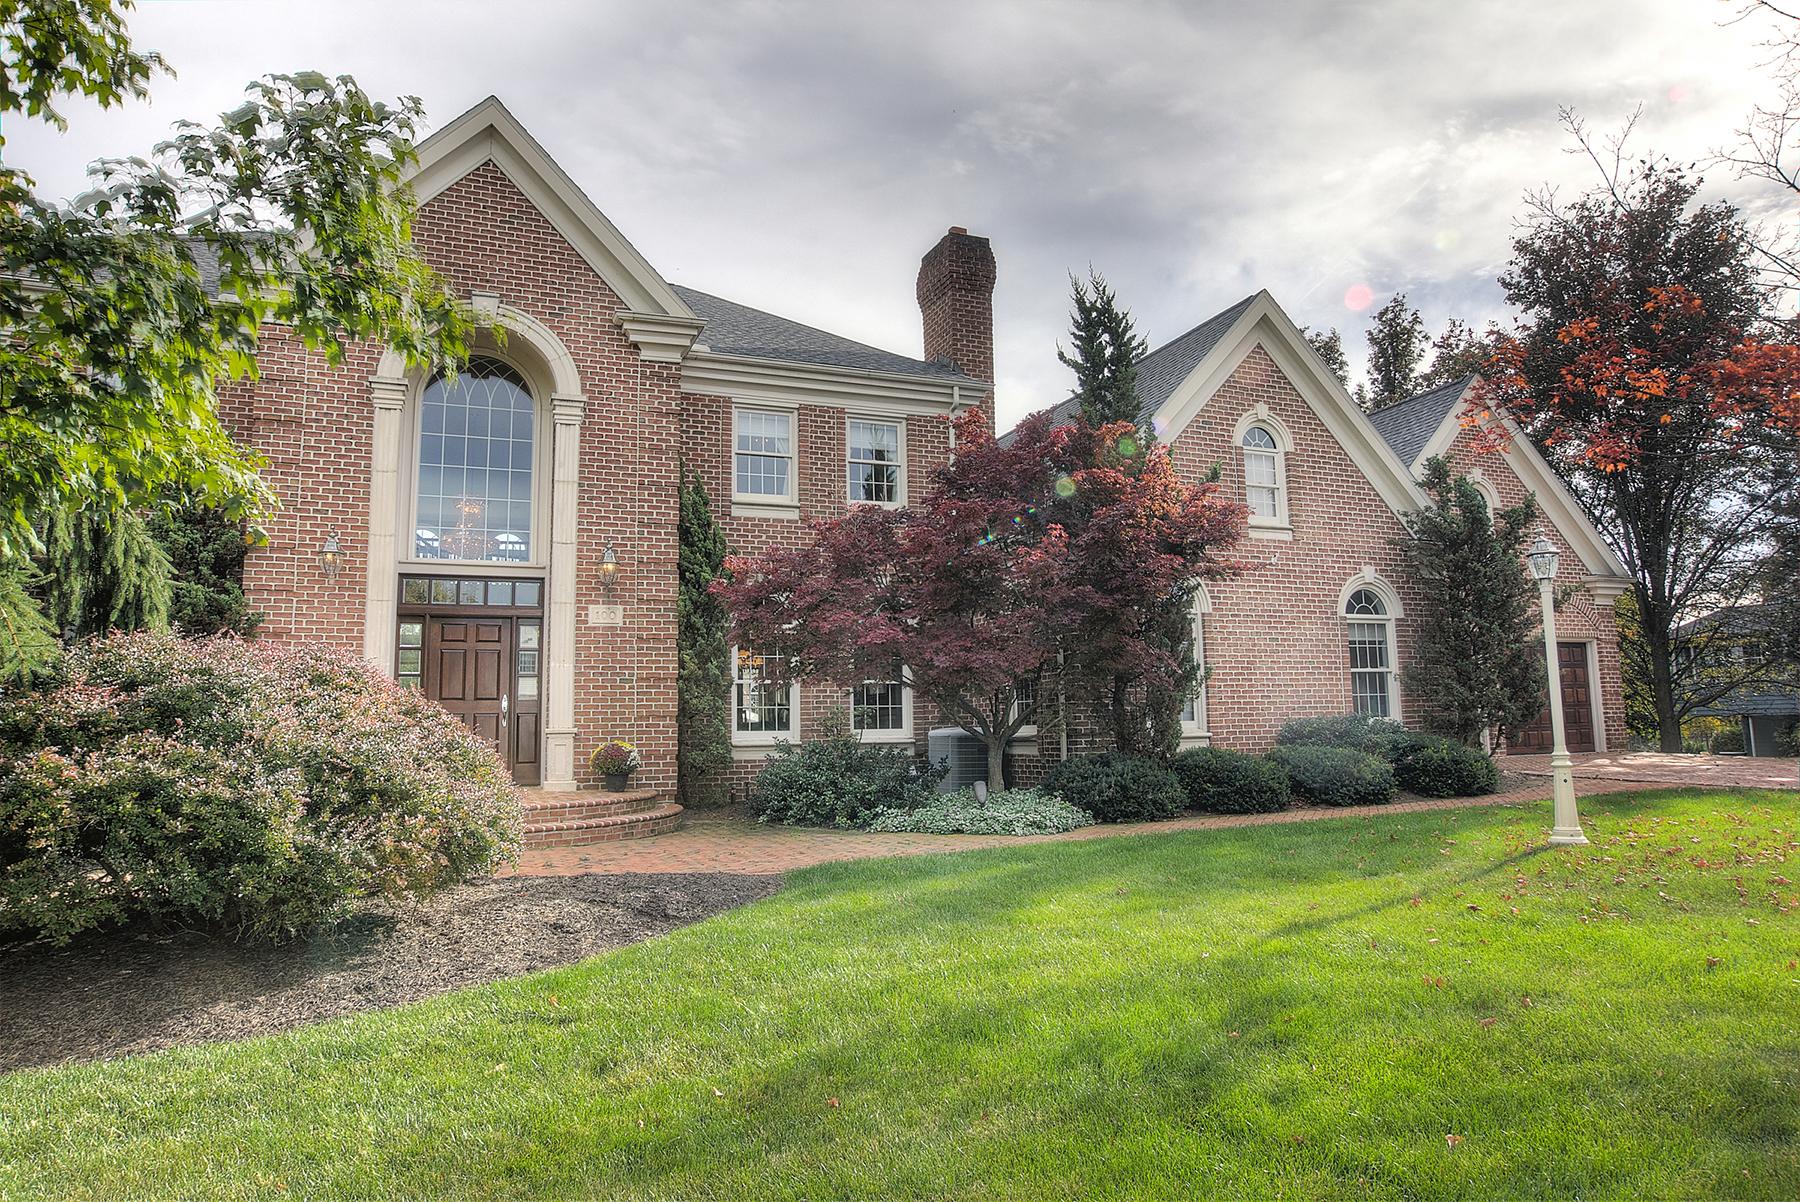 一戸建て のために 売買 アット The Sunshine House 100 Haymaker Circle State College, ペンシルベニア 16801 アメリカ合衆国